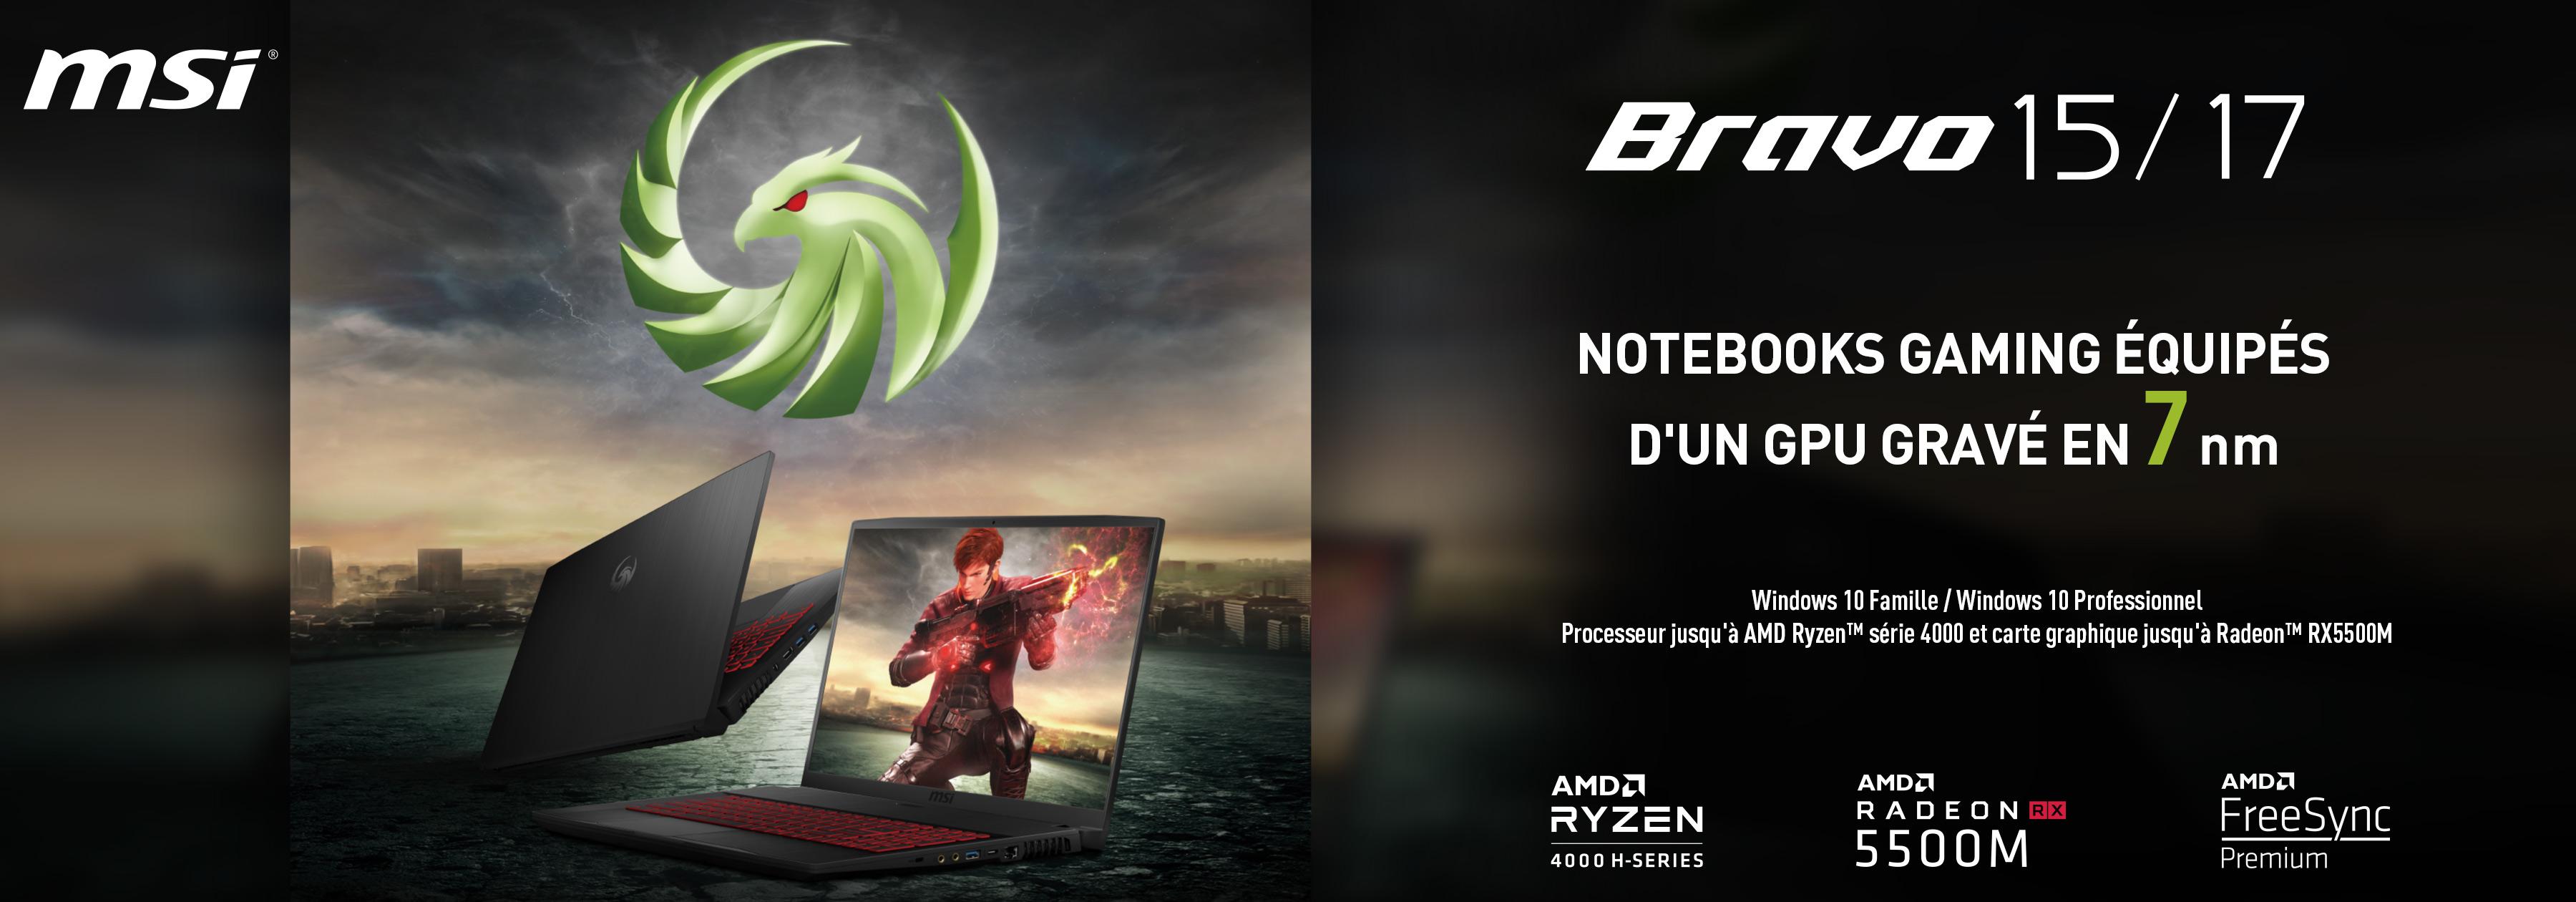 Notebooks série Bravo